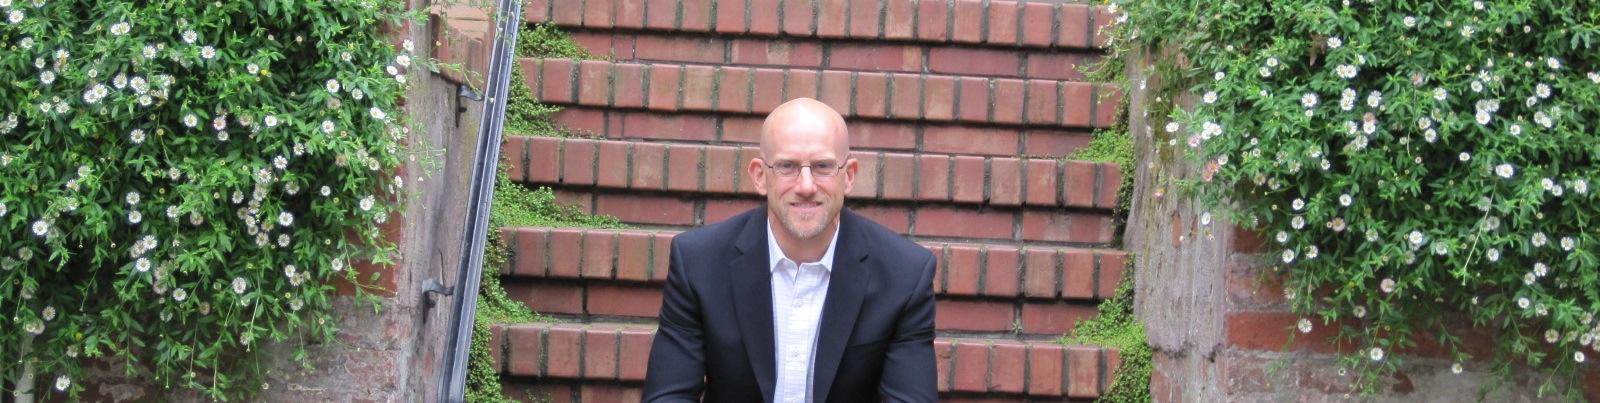 Dr Segler San Francisco Podiatrist